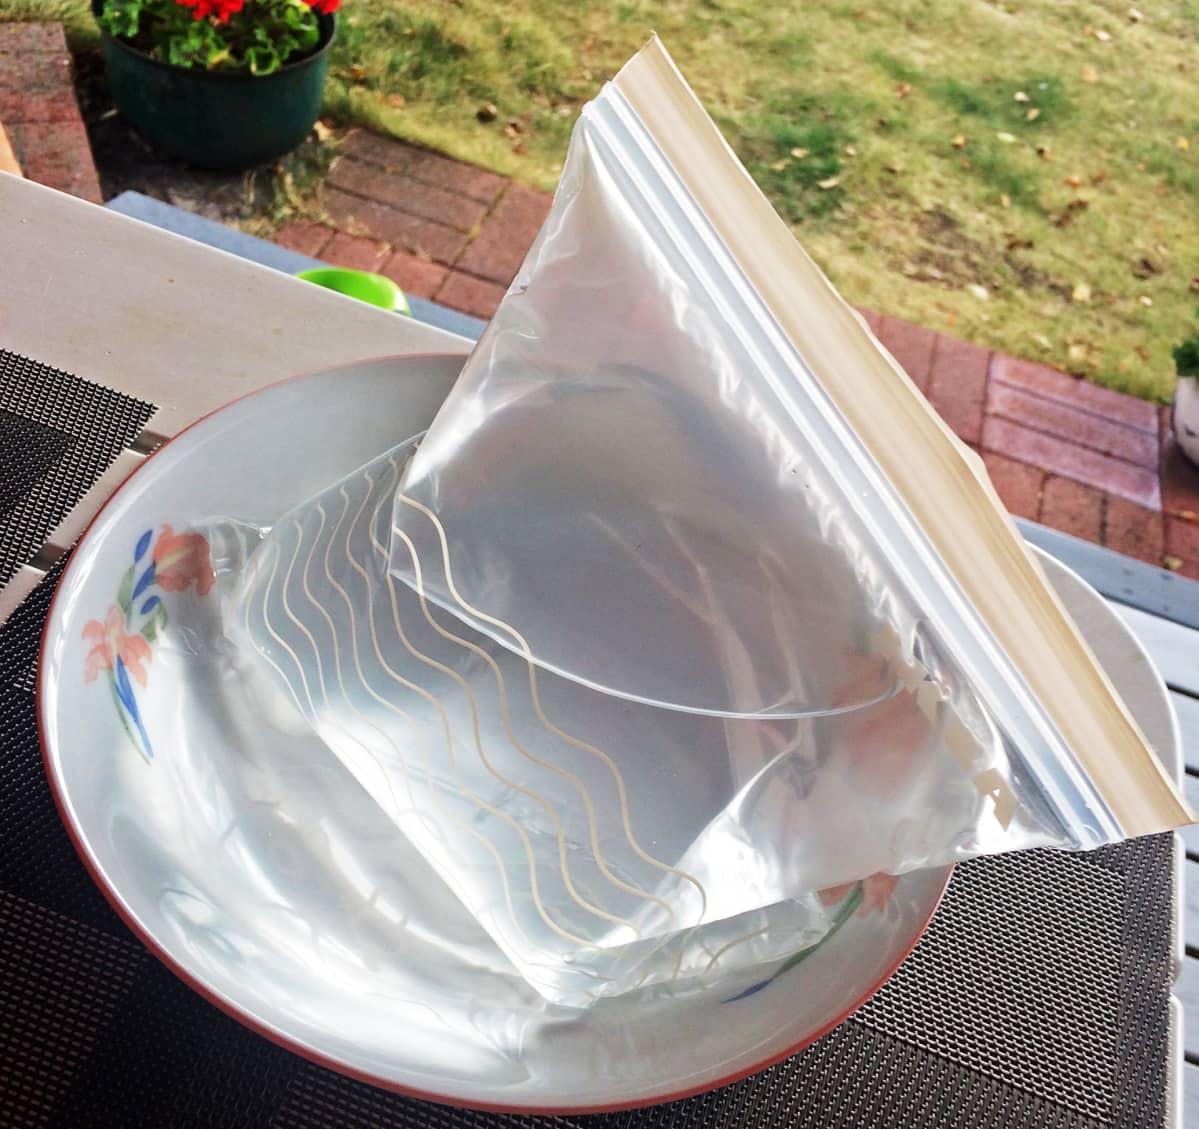 Vesipussi katonrajassa. Riitta Piironen testasi Espanjasta oppimaansa niksiä ampiaisten häätöön. Yksinkertaisuudessaan muovipussiin laitetaan vettä ja koko komeus aurinkoon. Piirosen yllätykseksi niksi tuntui toimivan.